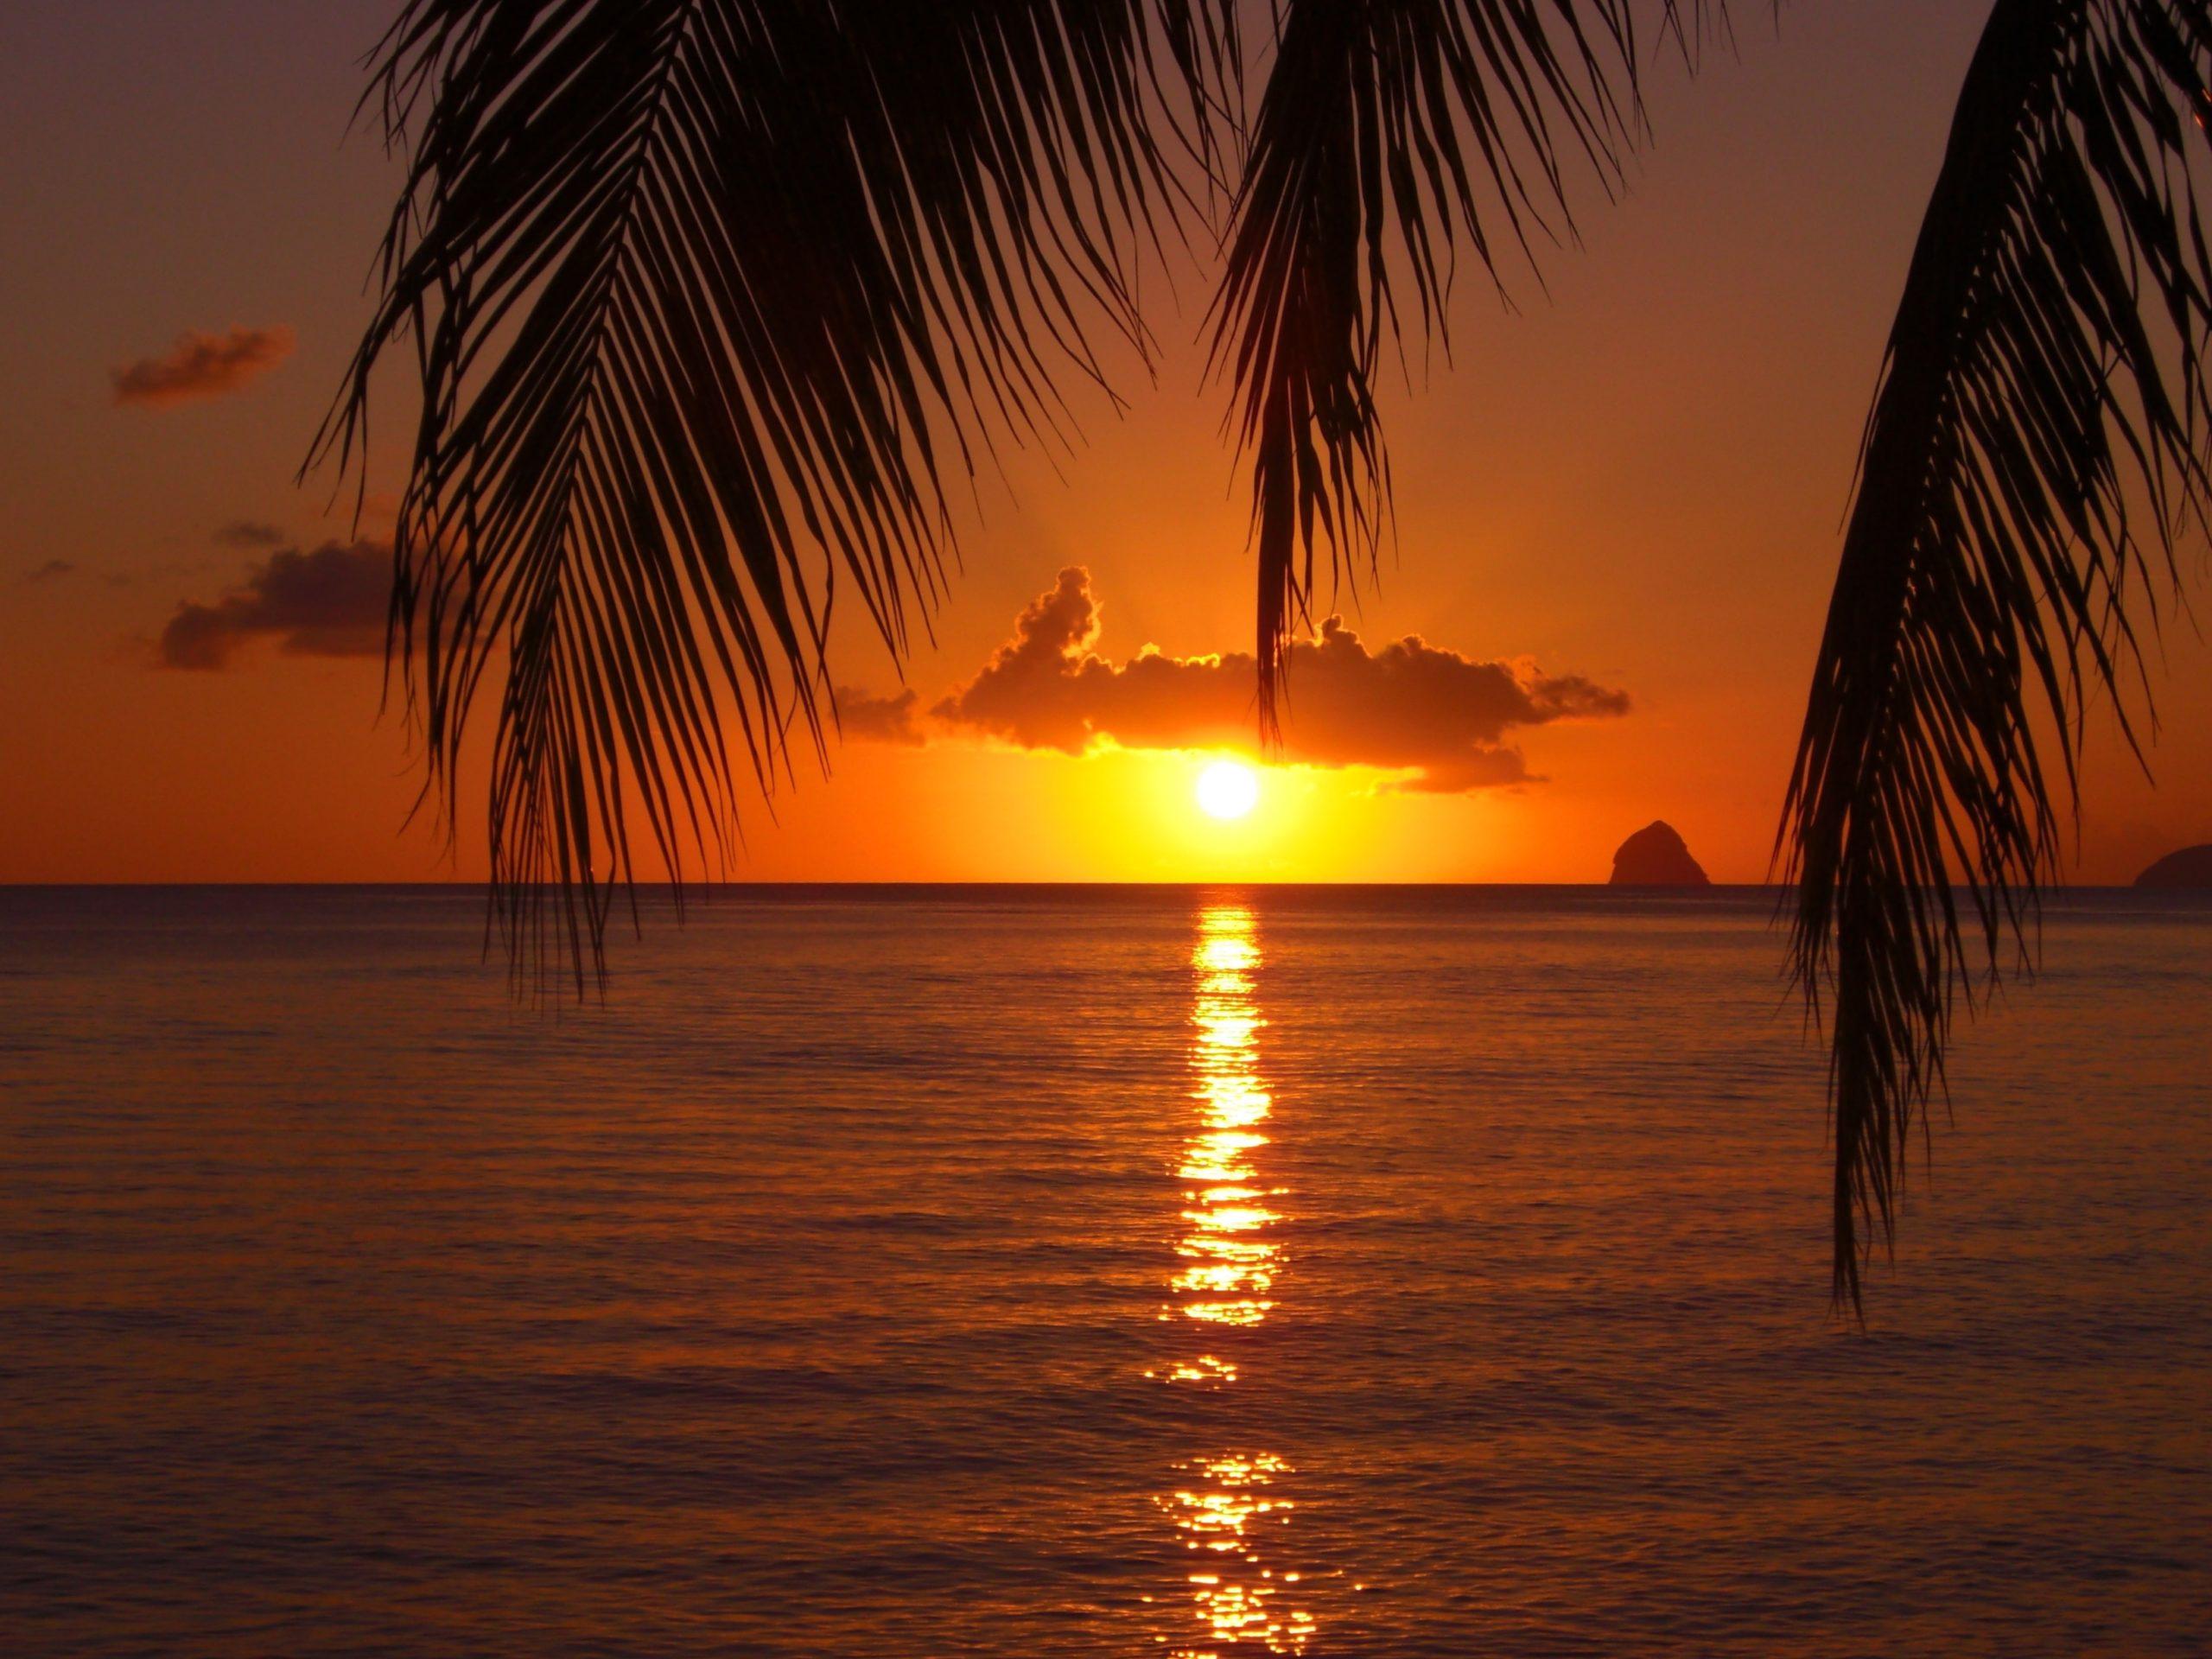 Sunset on the Diamond Rock